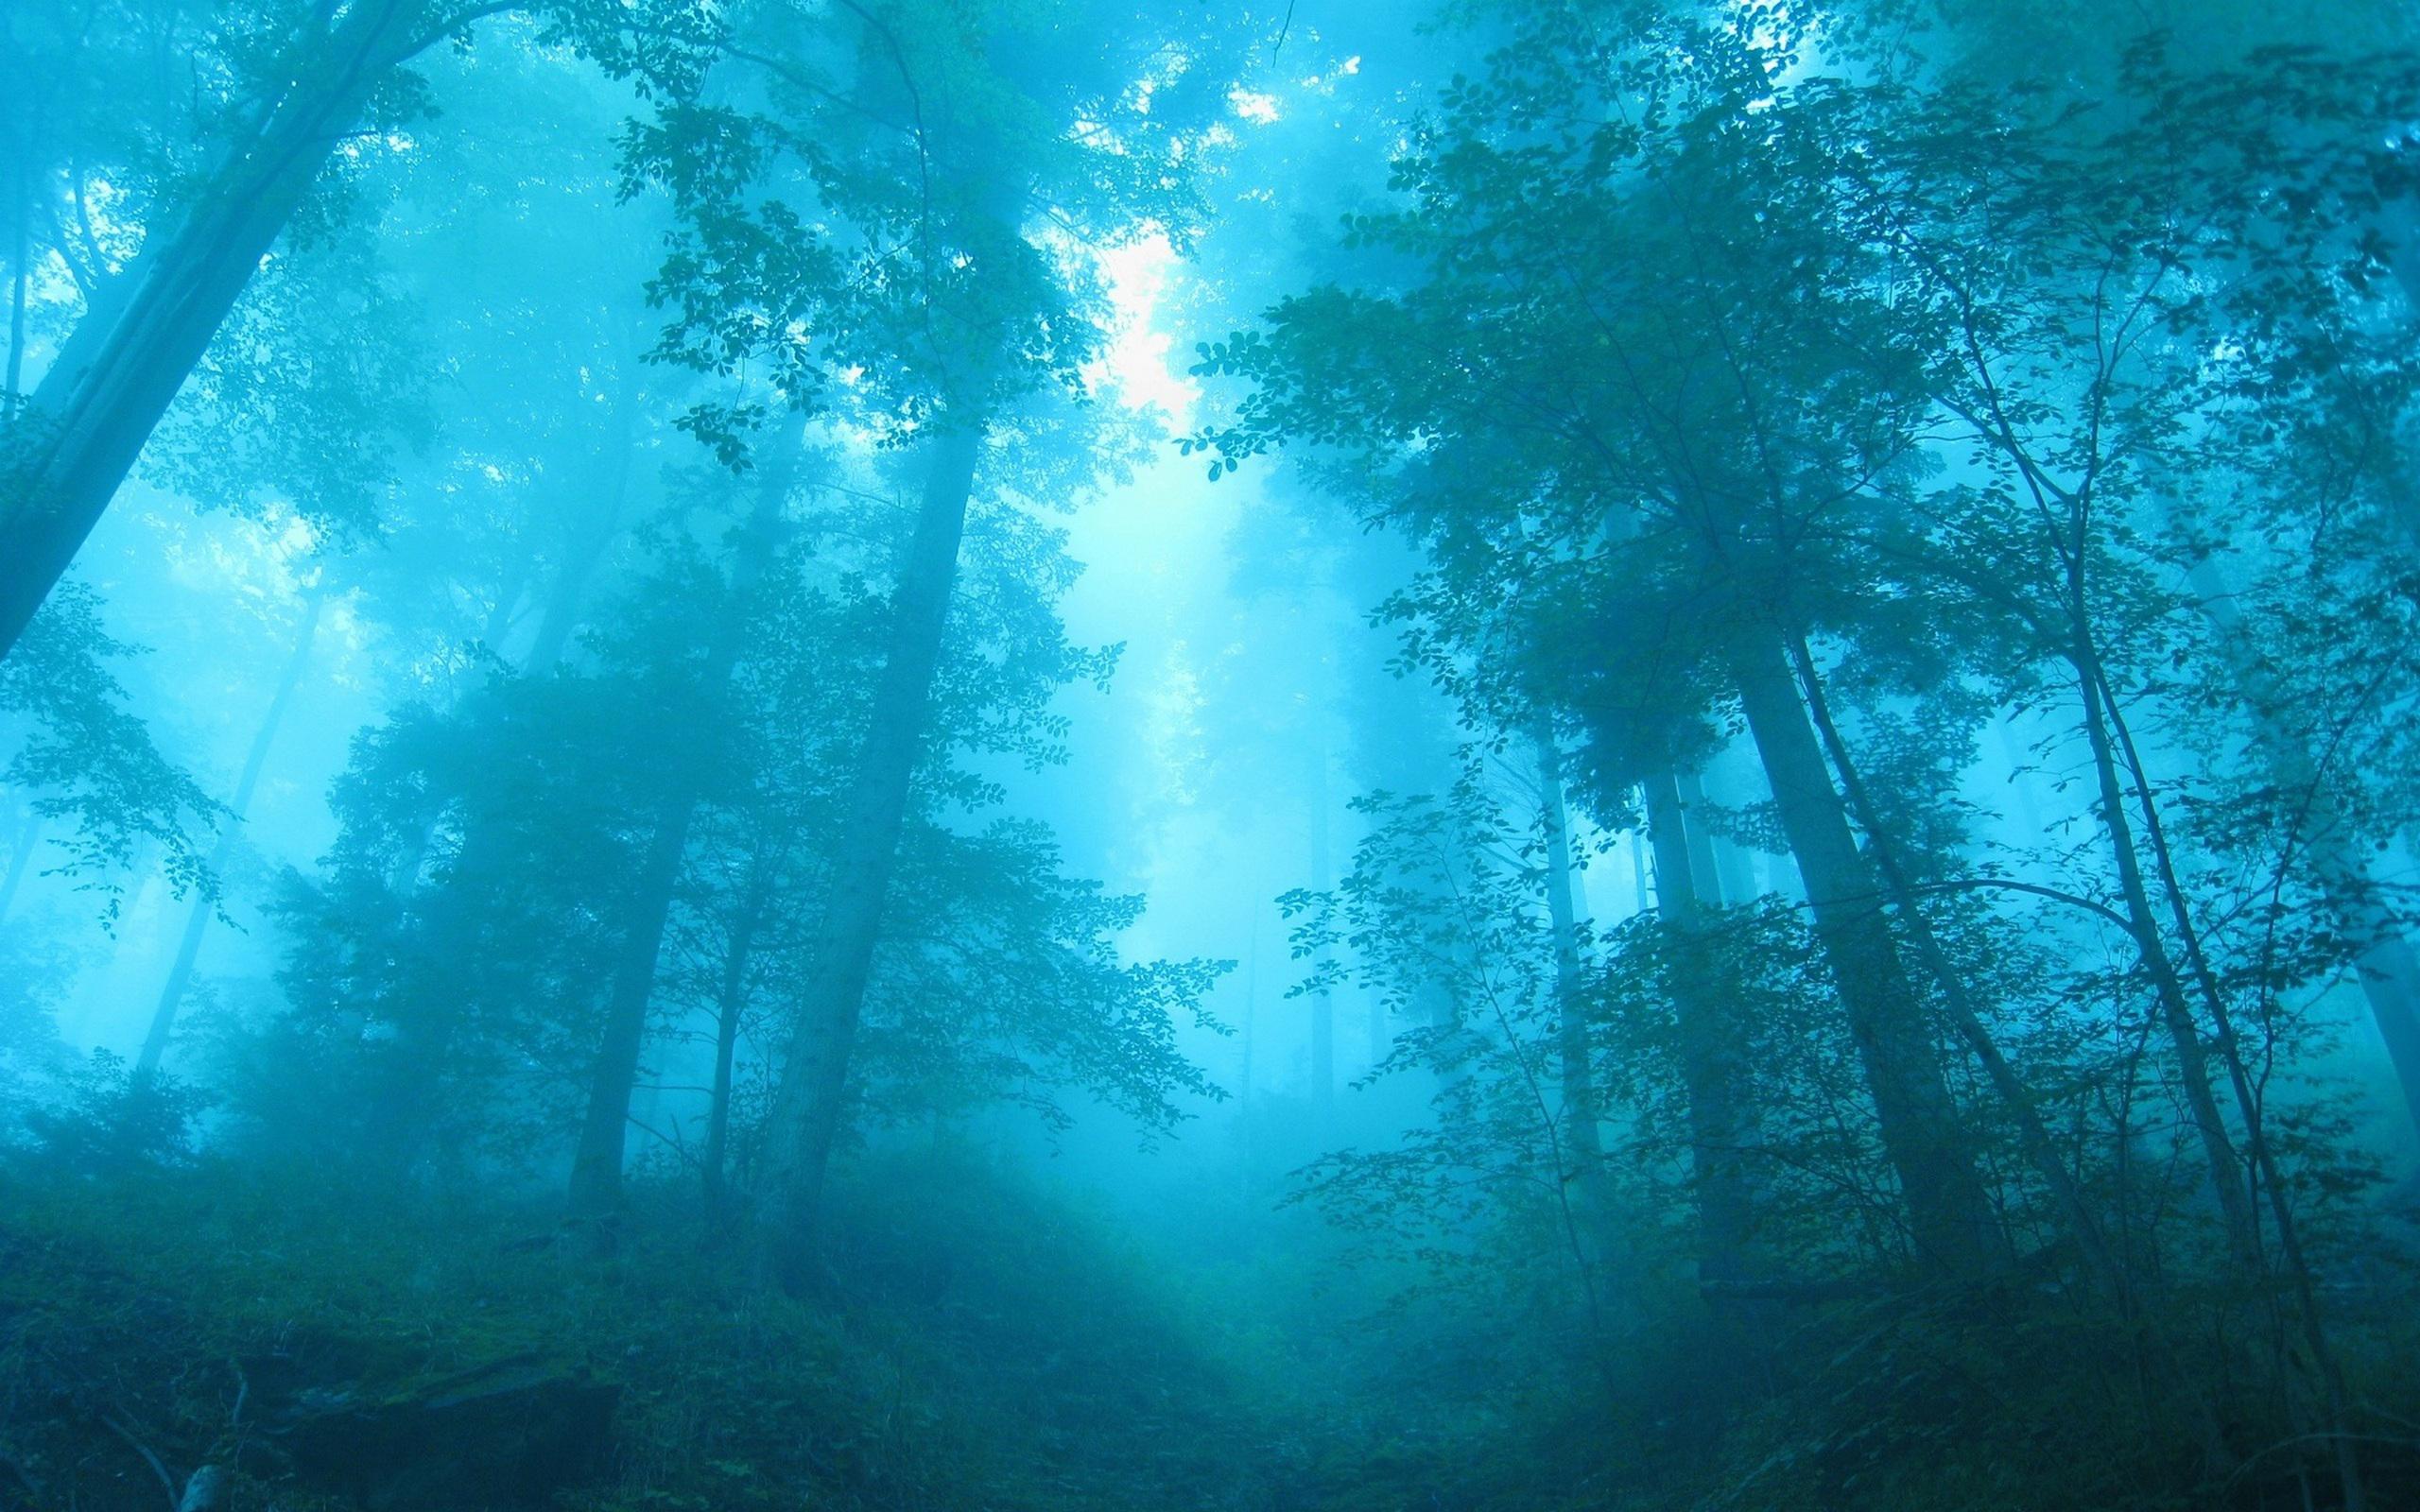 обои на рабочий стол лес в тумане hd № 251983 загрузить